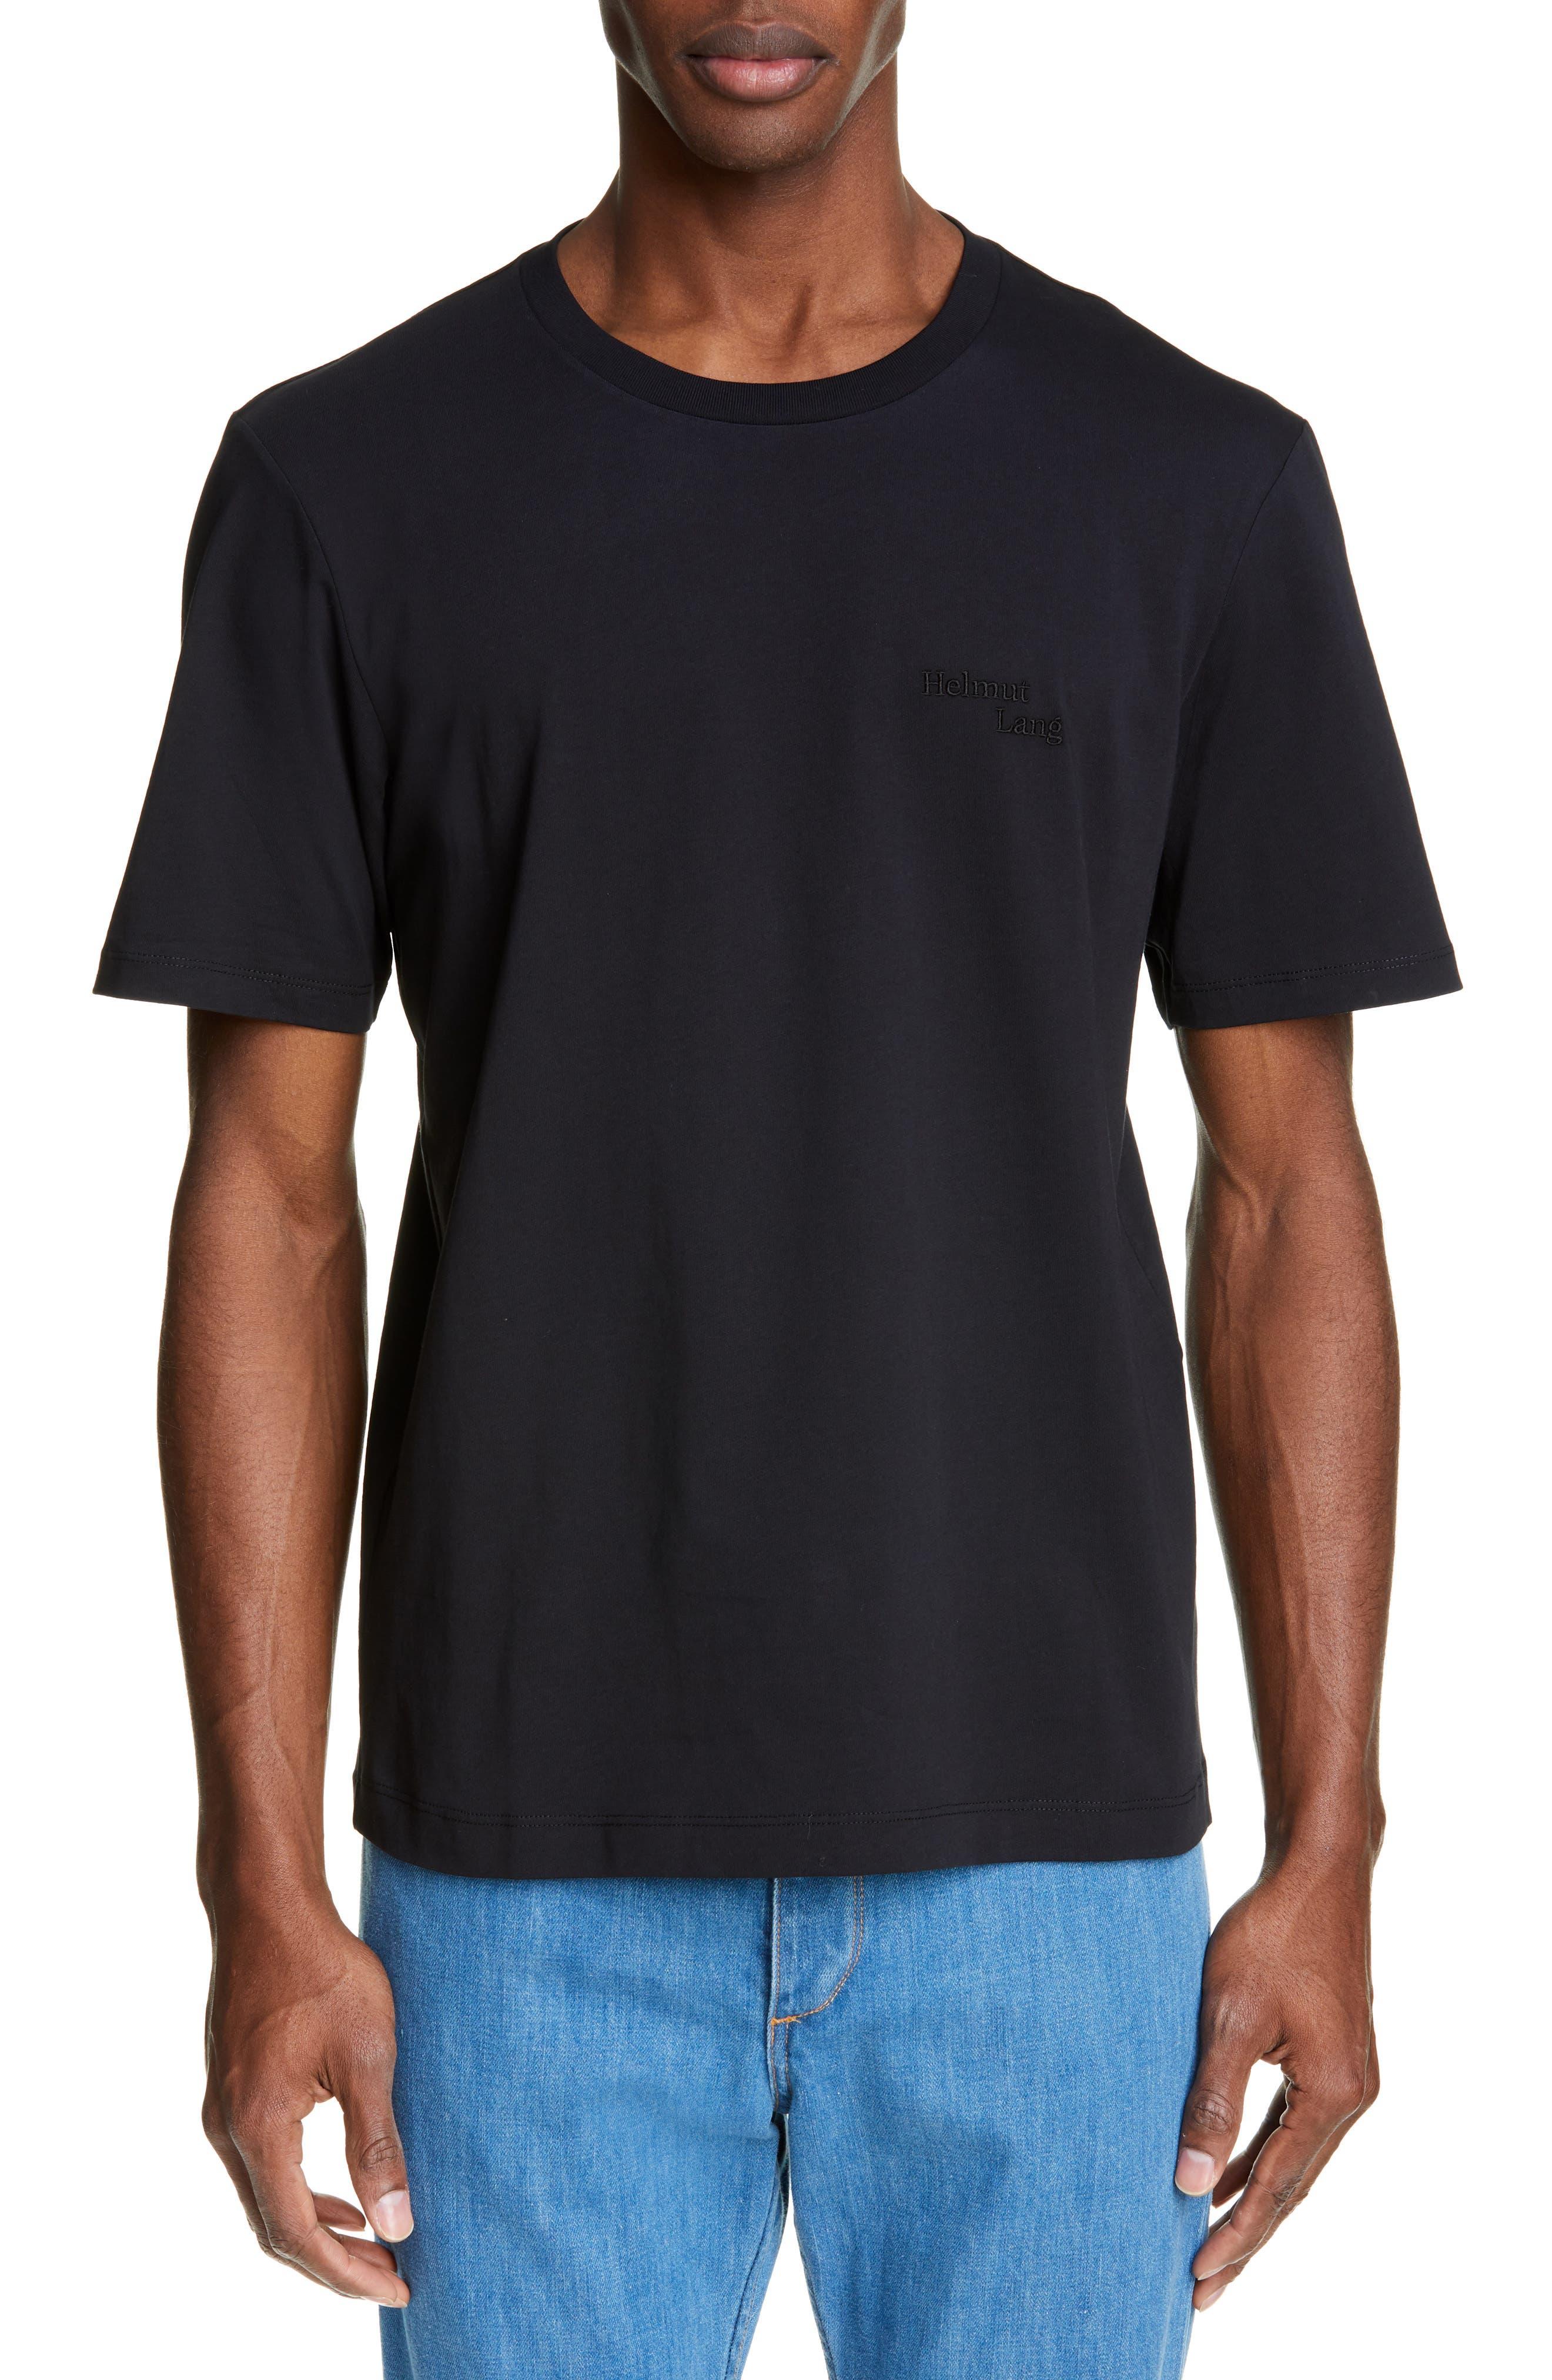 HELMUT LANG Stacked Logo T-Shirt, Main, color, BLACK BASALT